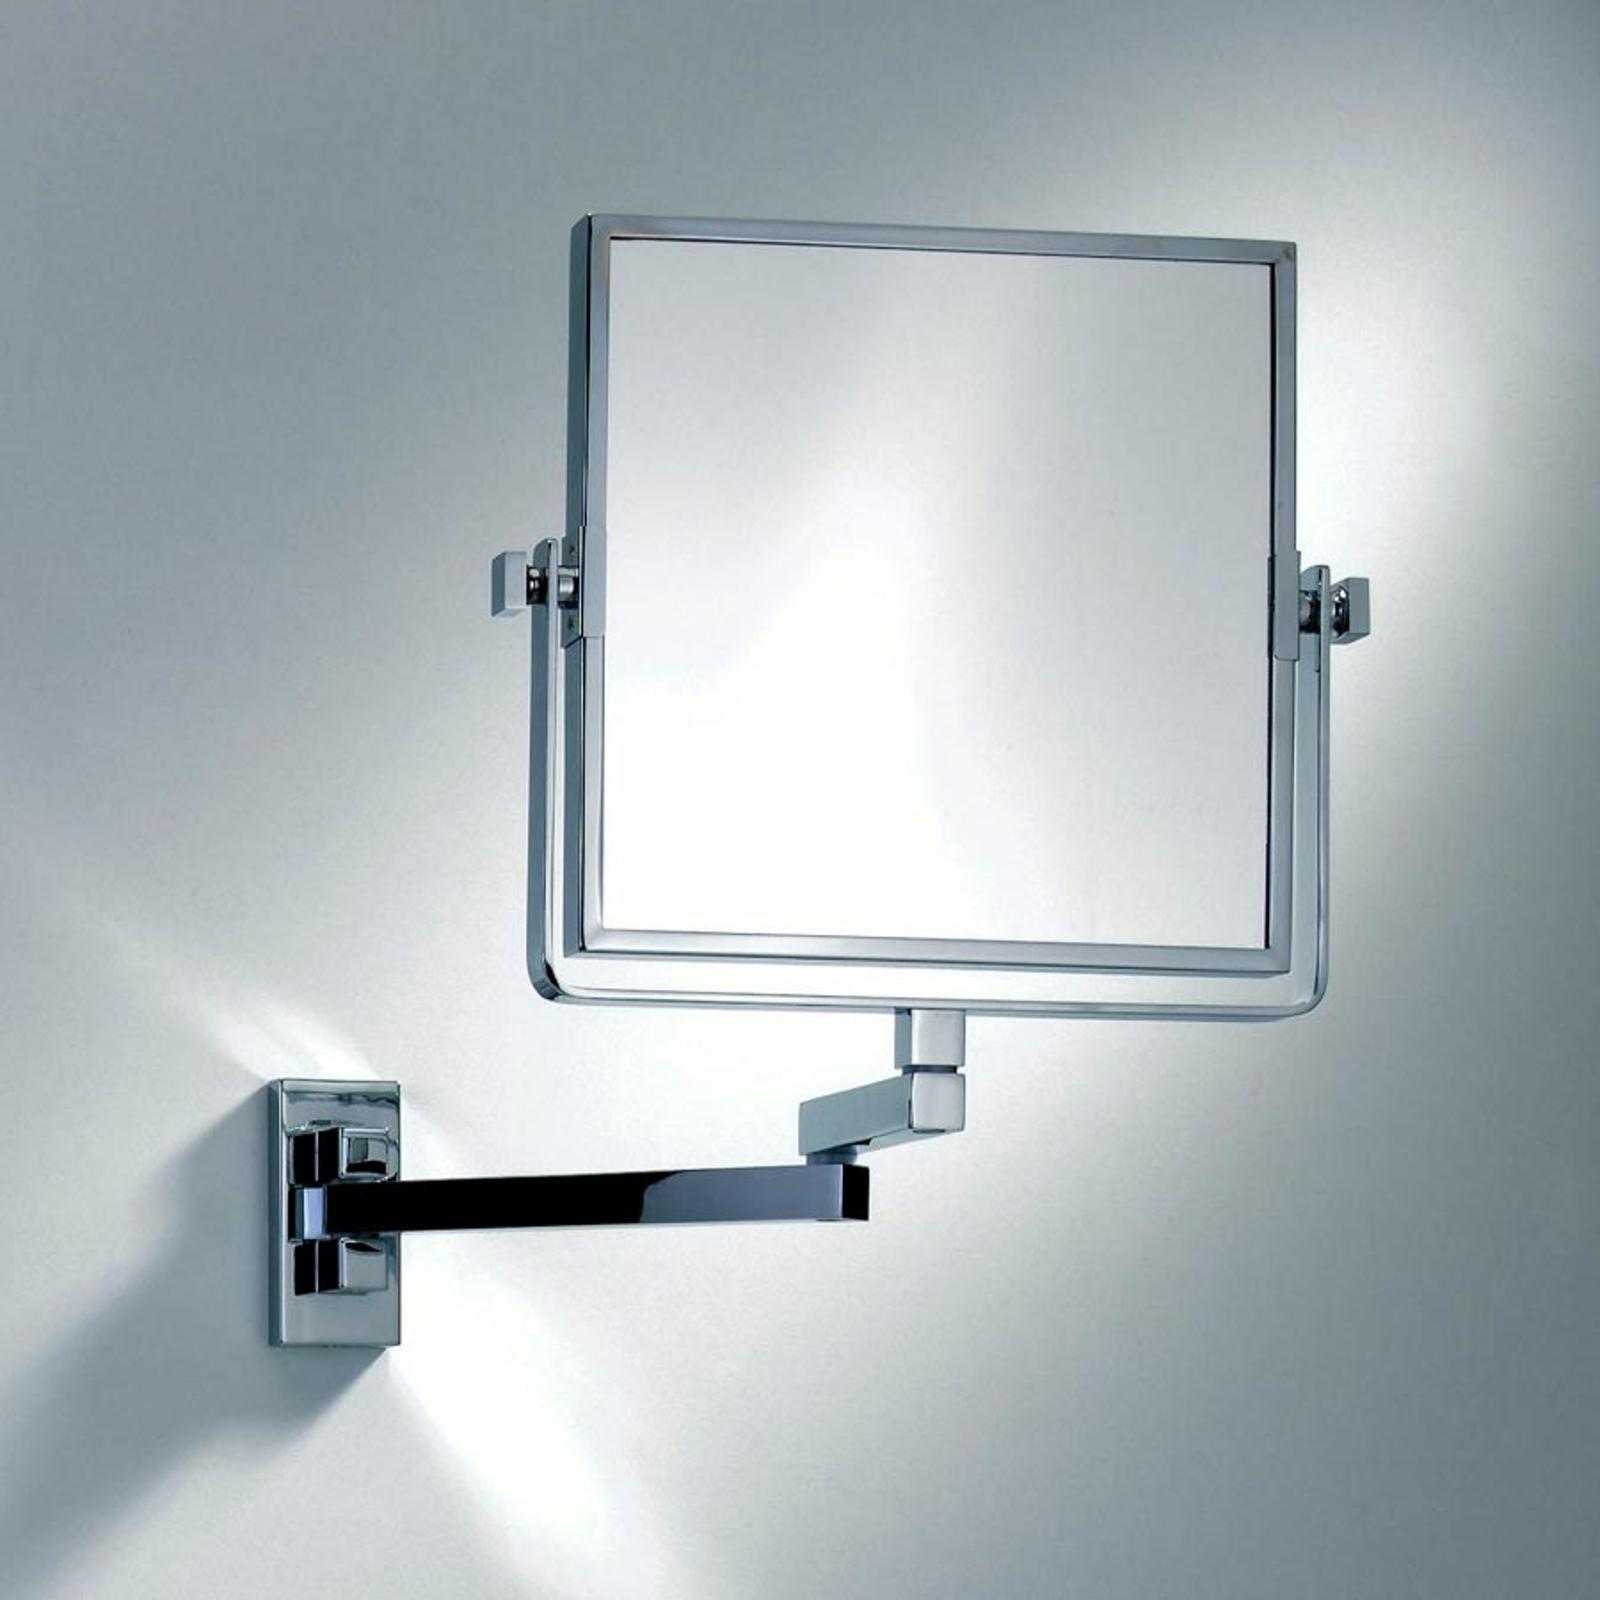 Moderno specchio cosmetico da parete EDGE